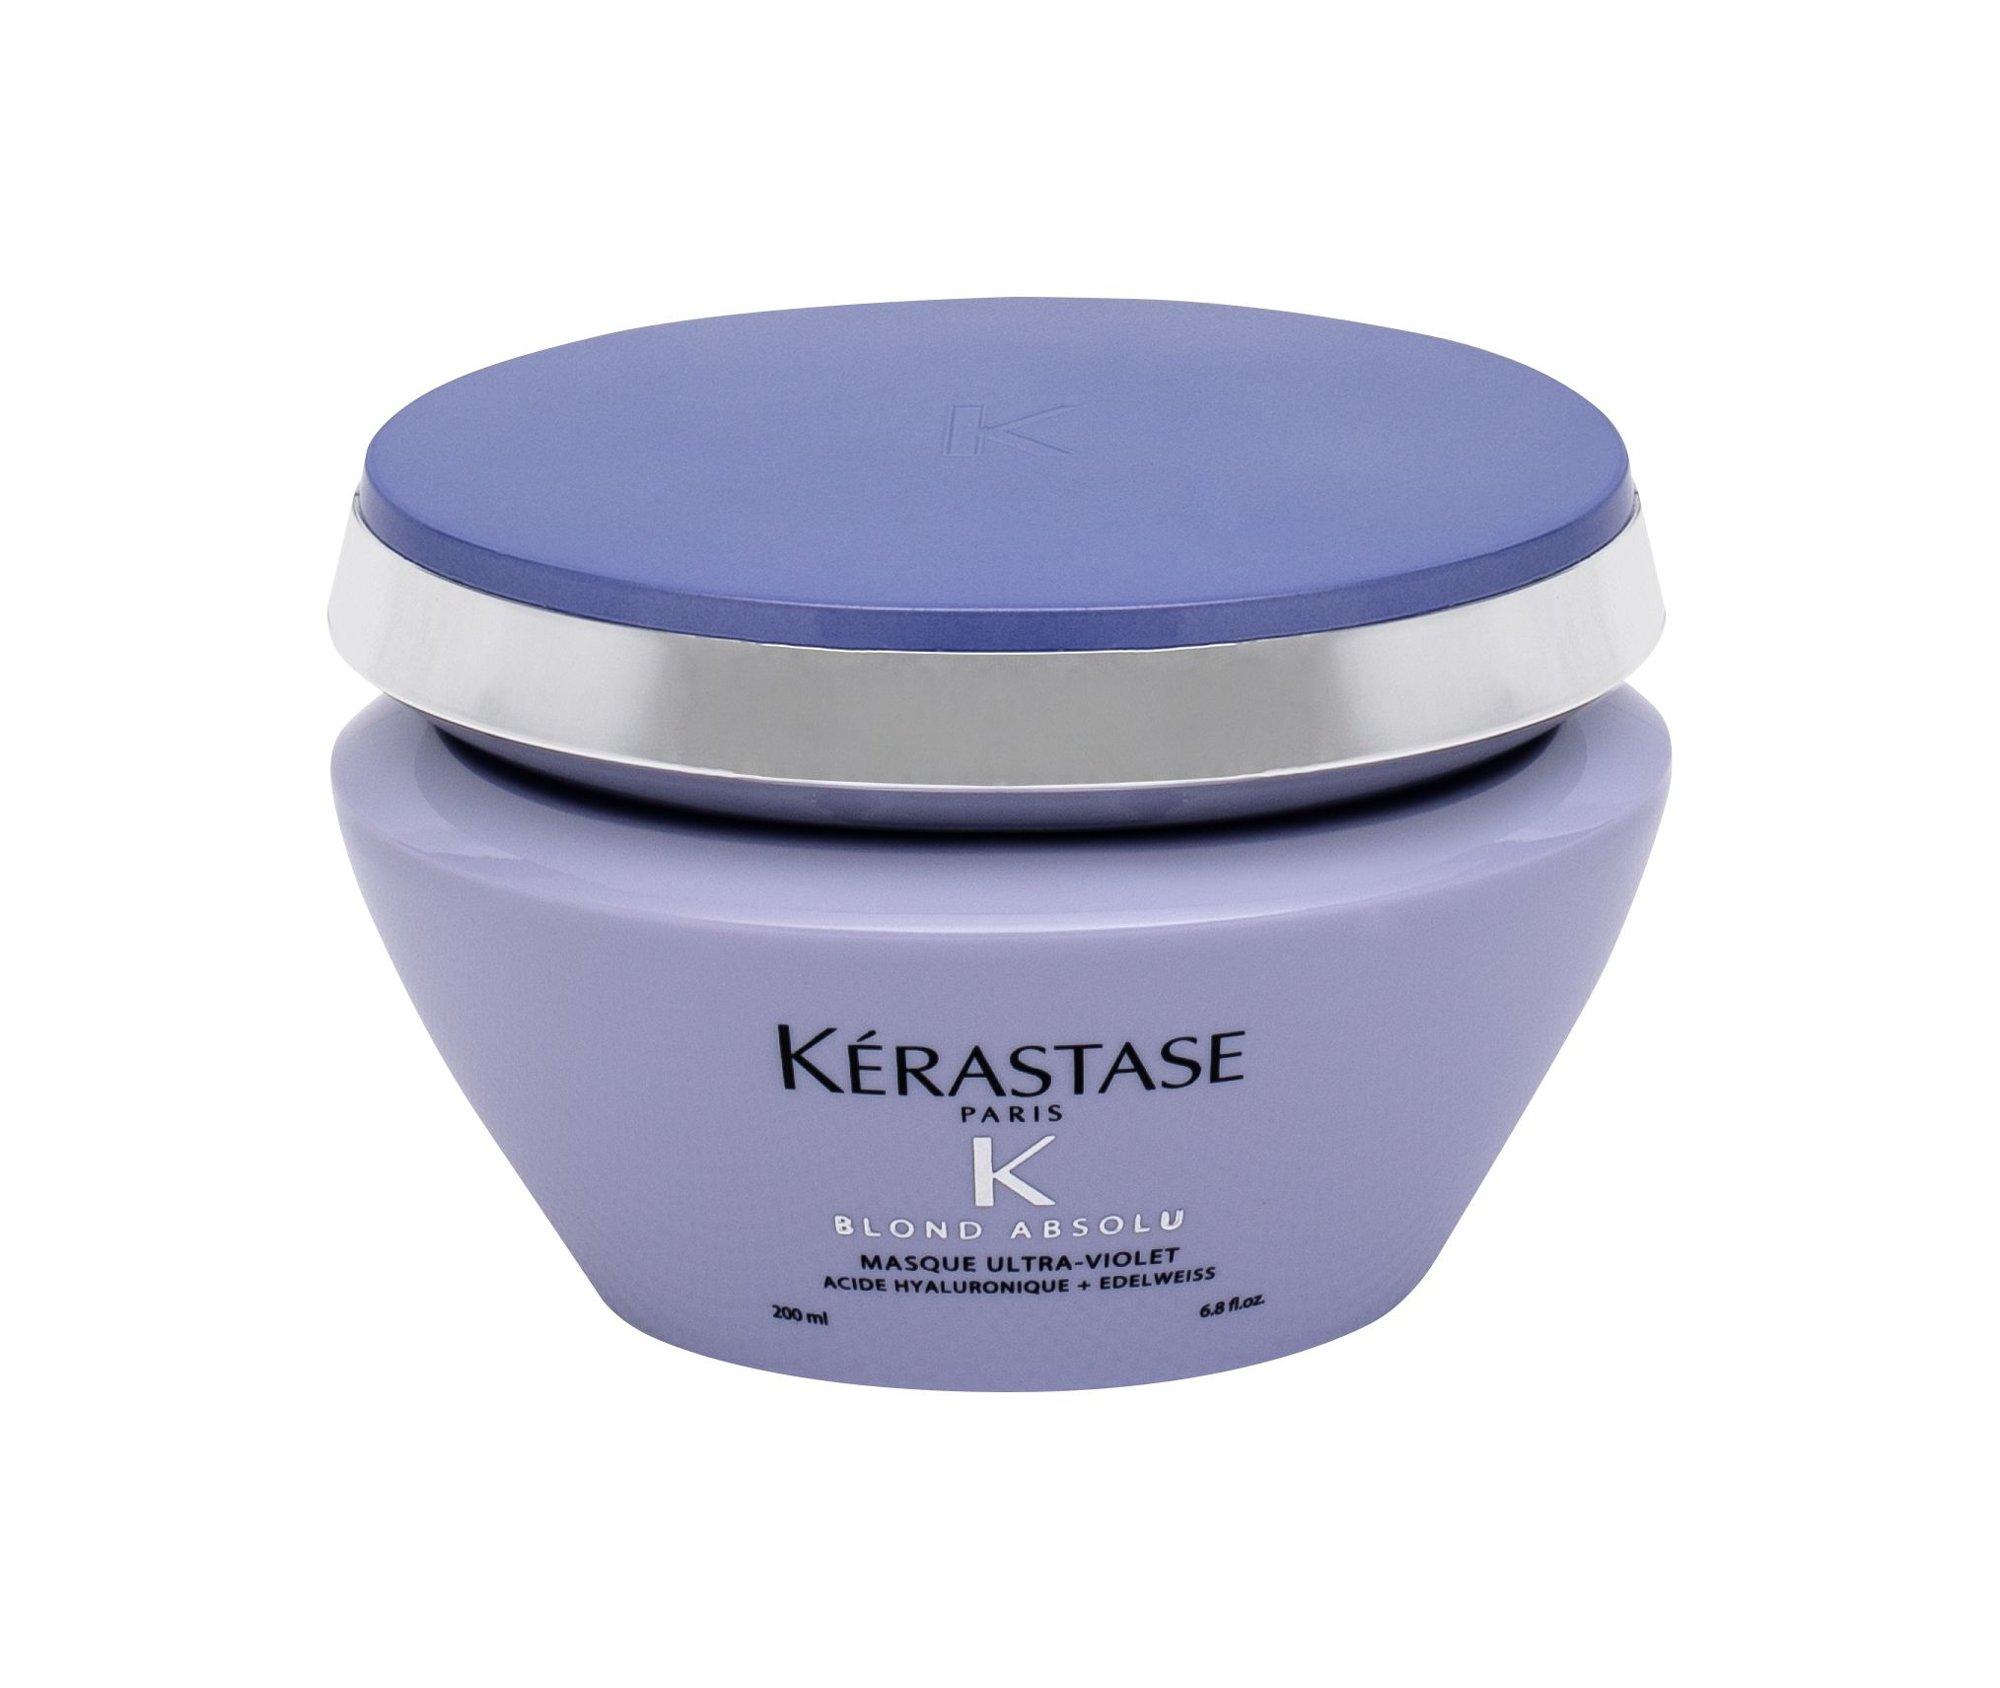 Kérastase Blond Absolu Hair Mask 200ml